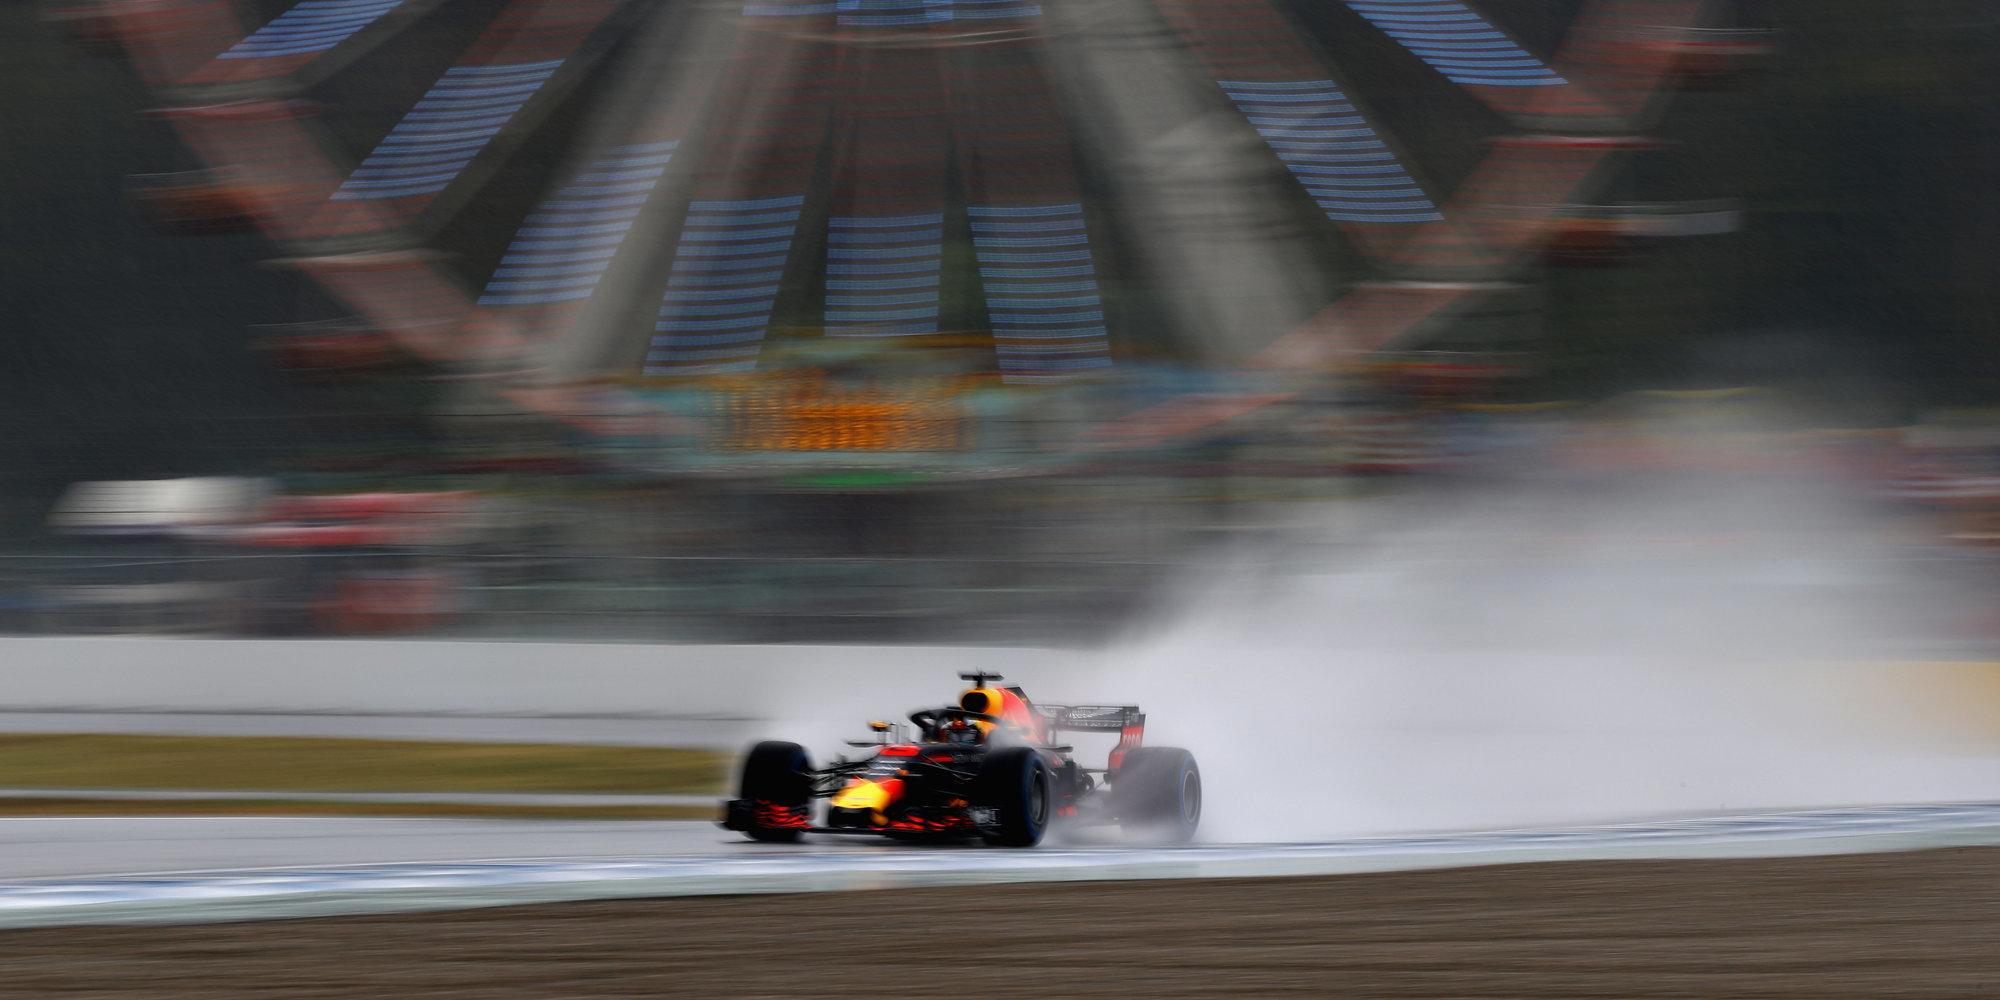 Формула 1. Гран-При Германии. Квалификация. Кто лучше